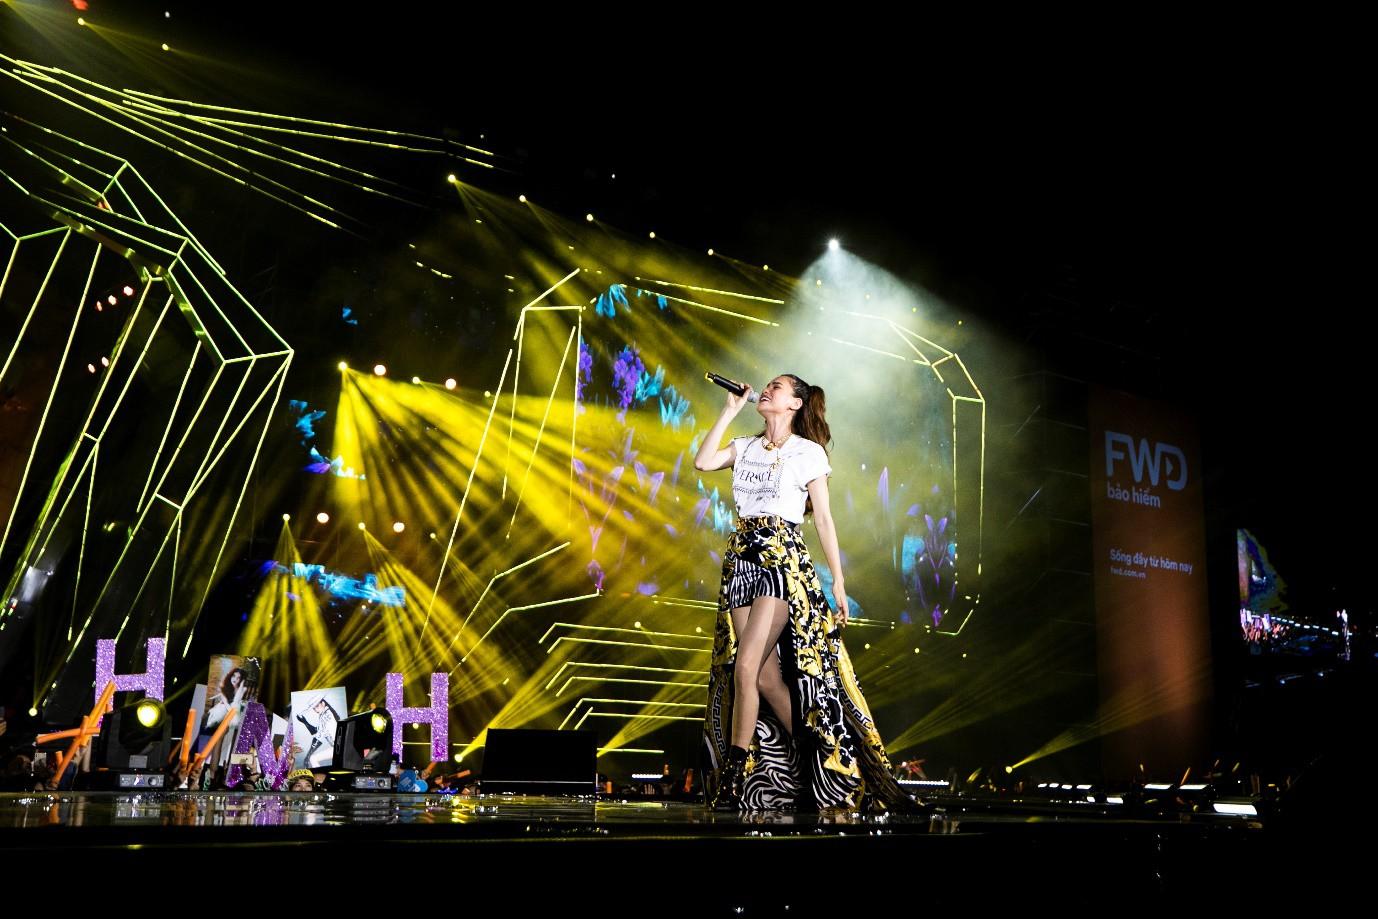 Sơn Tùng M-TP, Đen Vâu, Tóc Tiên, Hồ Ngọc Hà… mang đến quá nhiều màn trình diễn đỉnh cao tại FWD Music Fest - Ảnh 7.